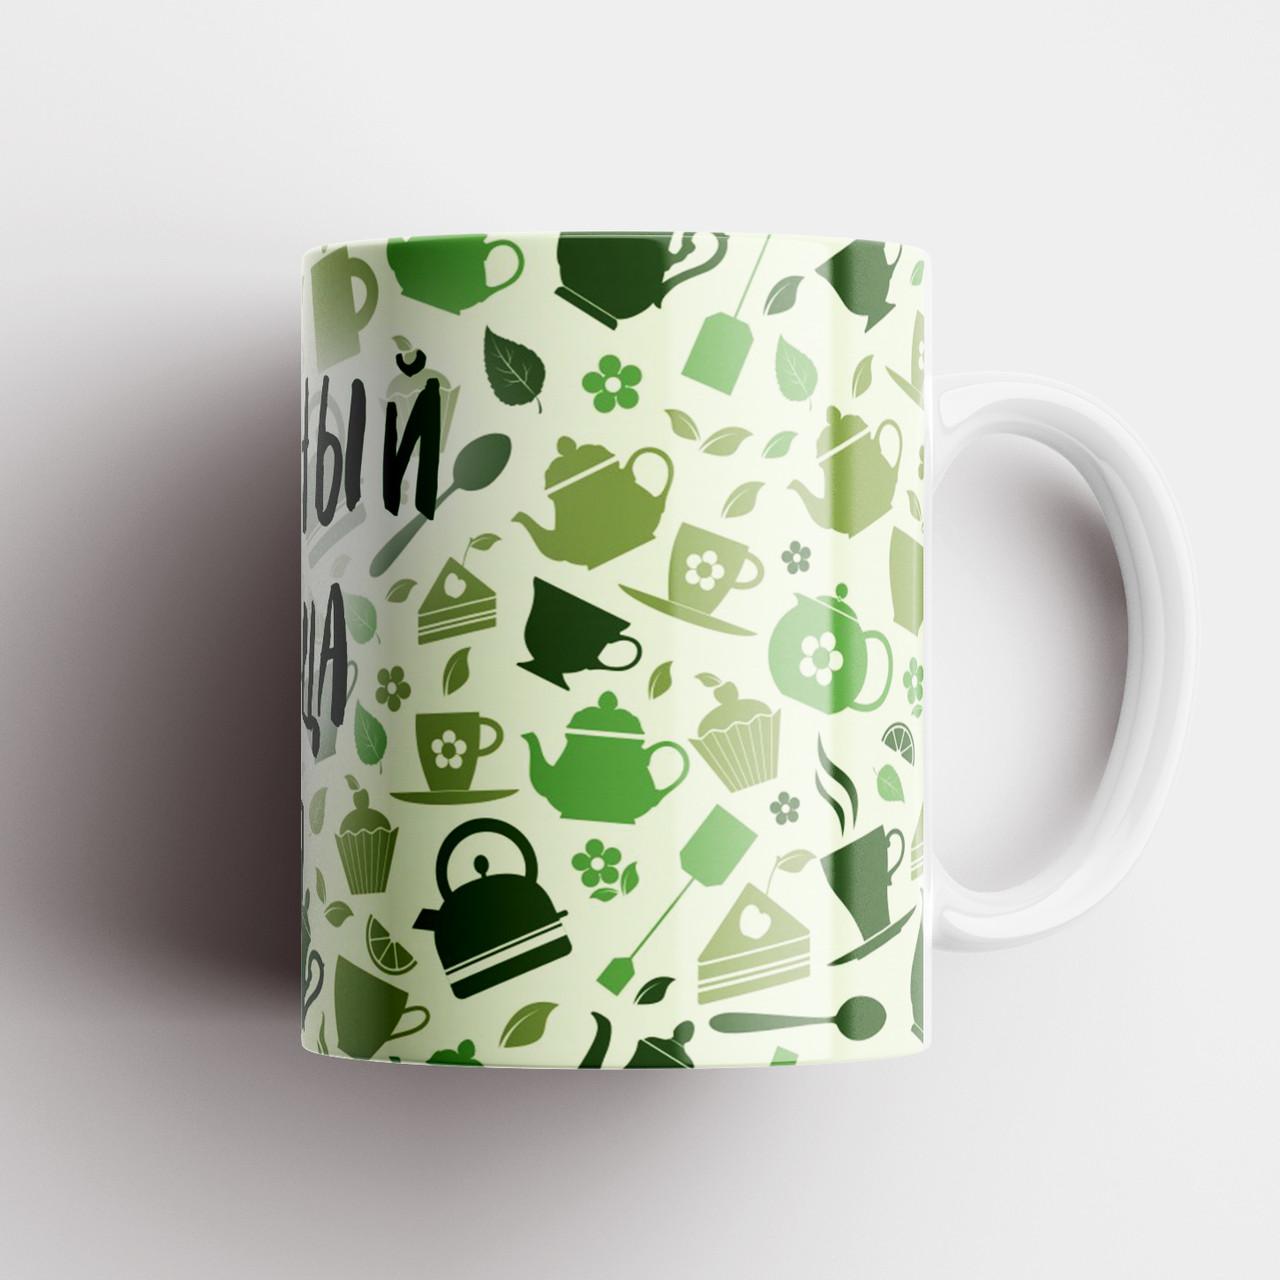 Чашка з принтом Серійний упивця чаю. Чашка з фото